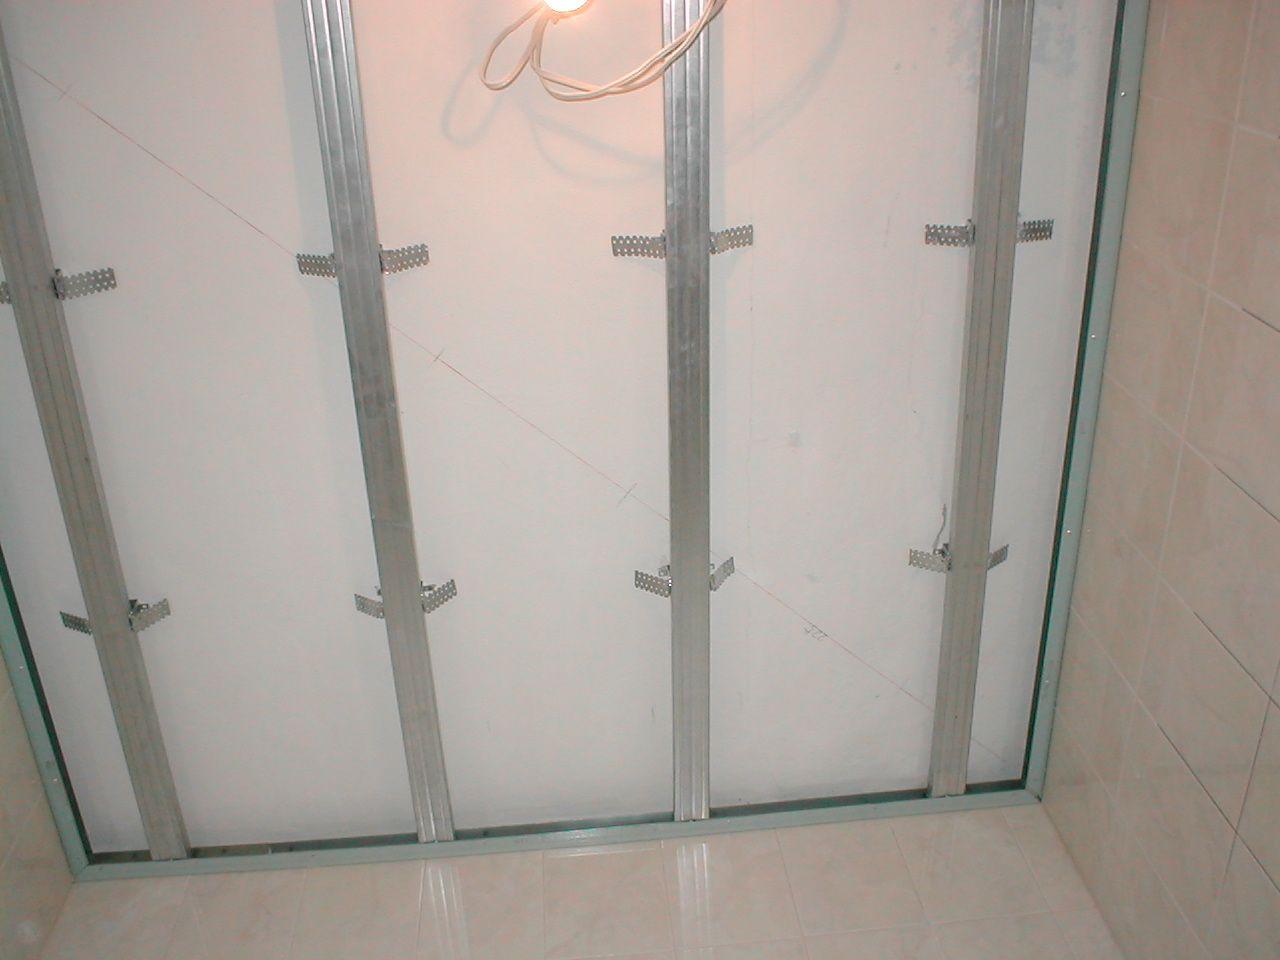 Каркас для устройства потолка из пластиковых панелей